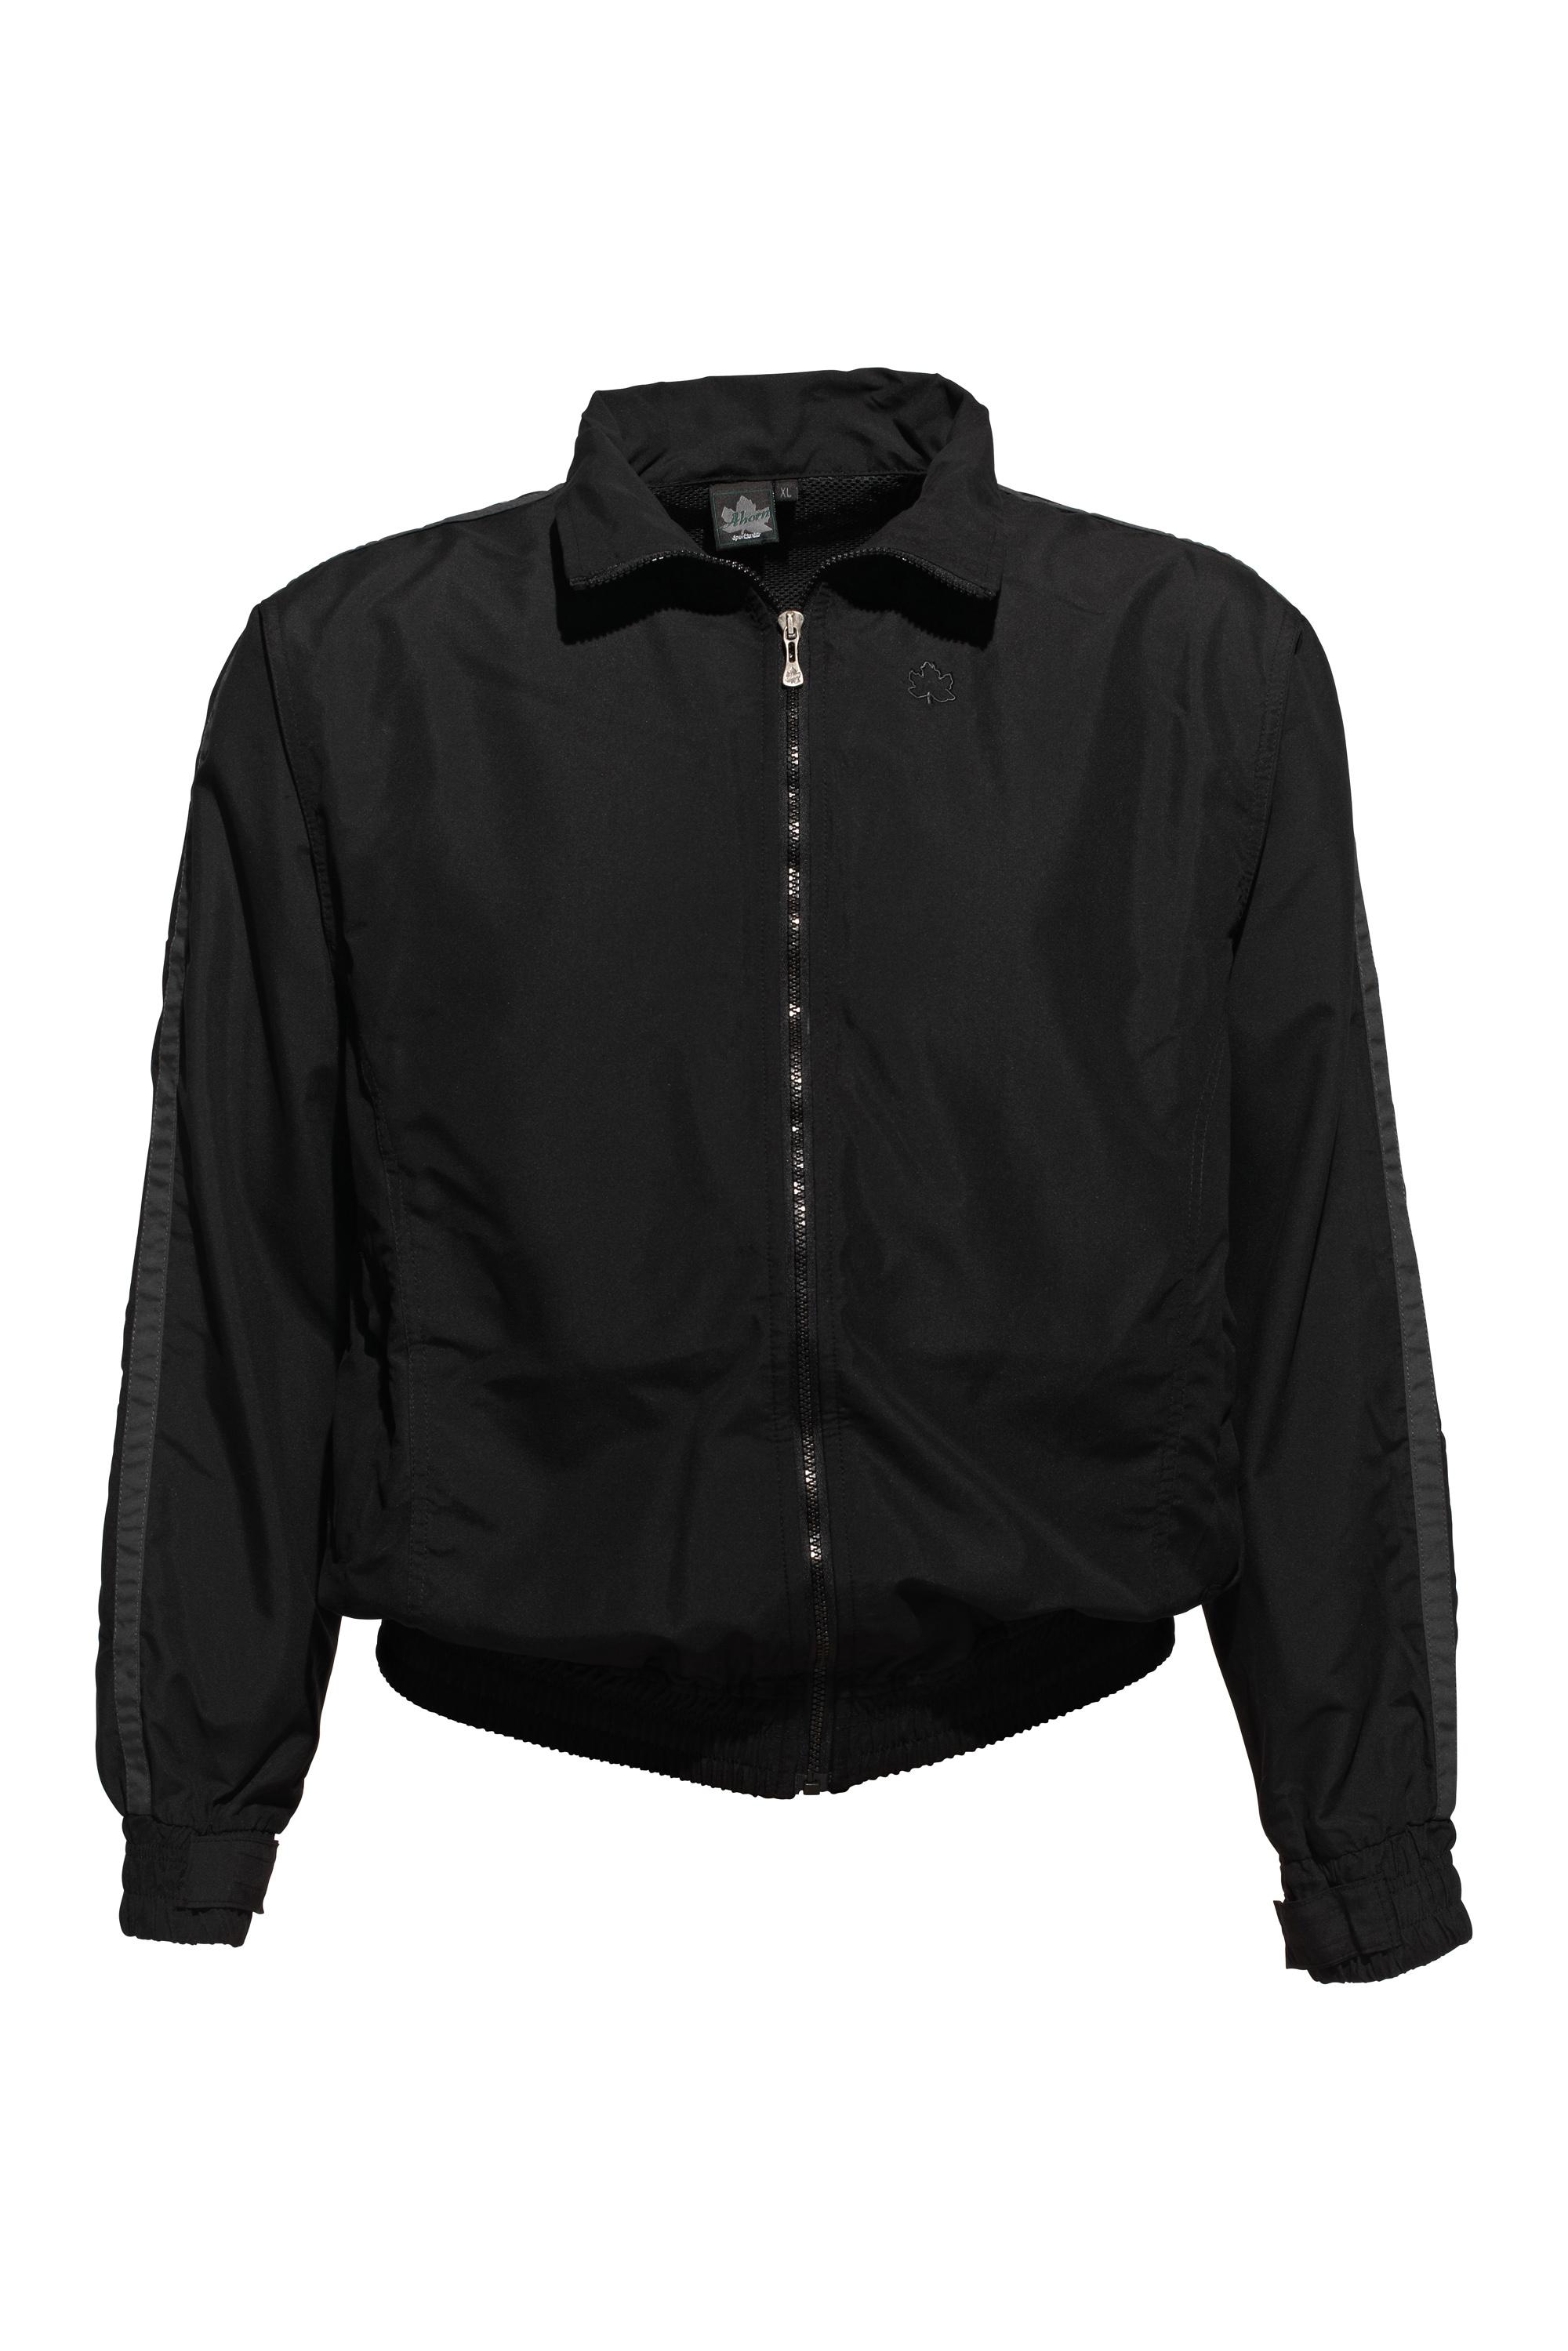 AHORN SPORTSWEAR Trainingsanzug mit Kontrastpaspel und Gummibund | Sportbekleidung > Sportanzüge | ahorn sportswear